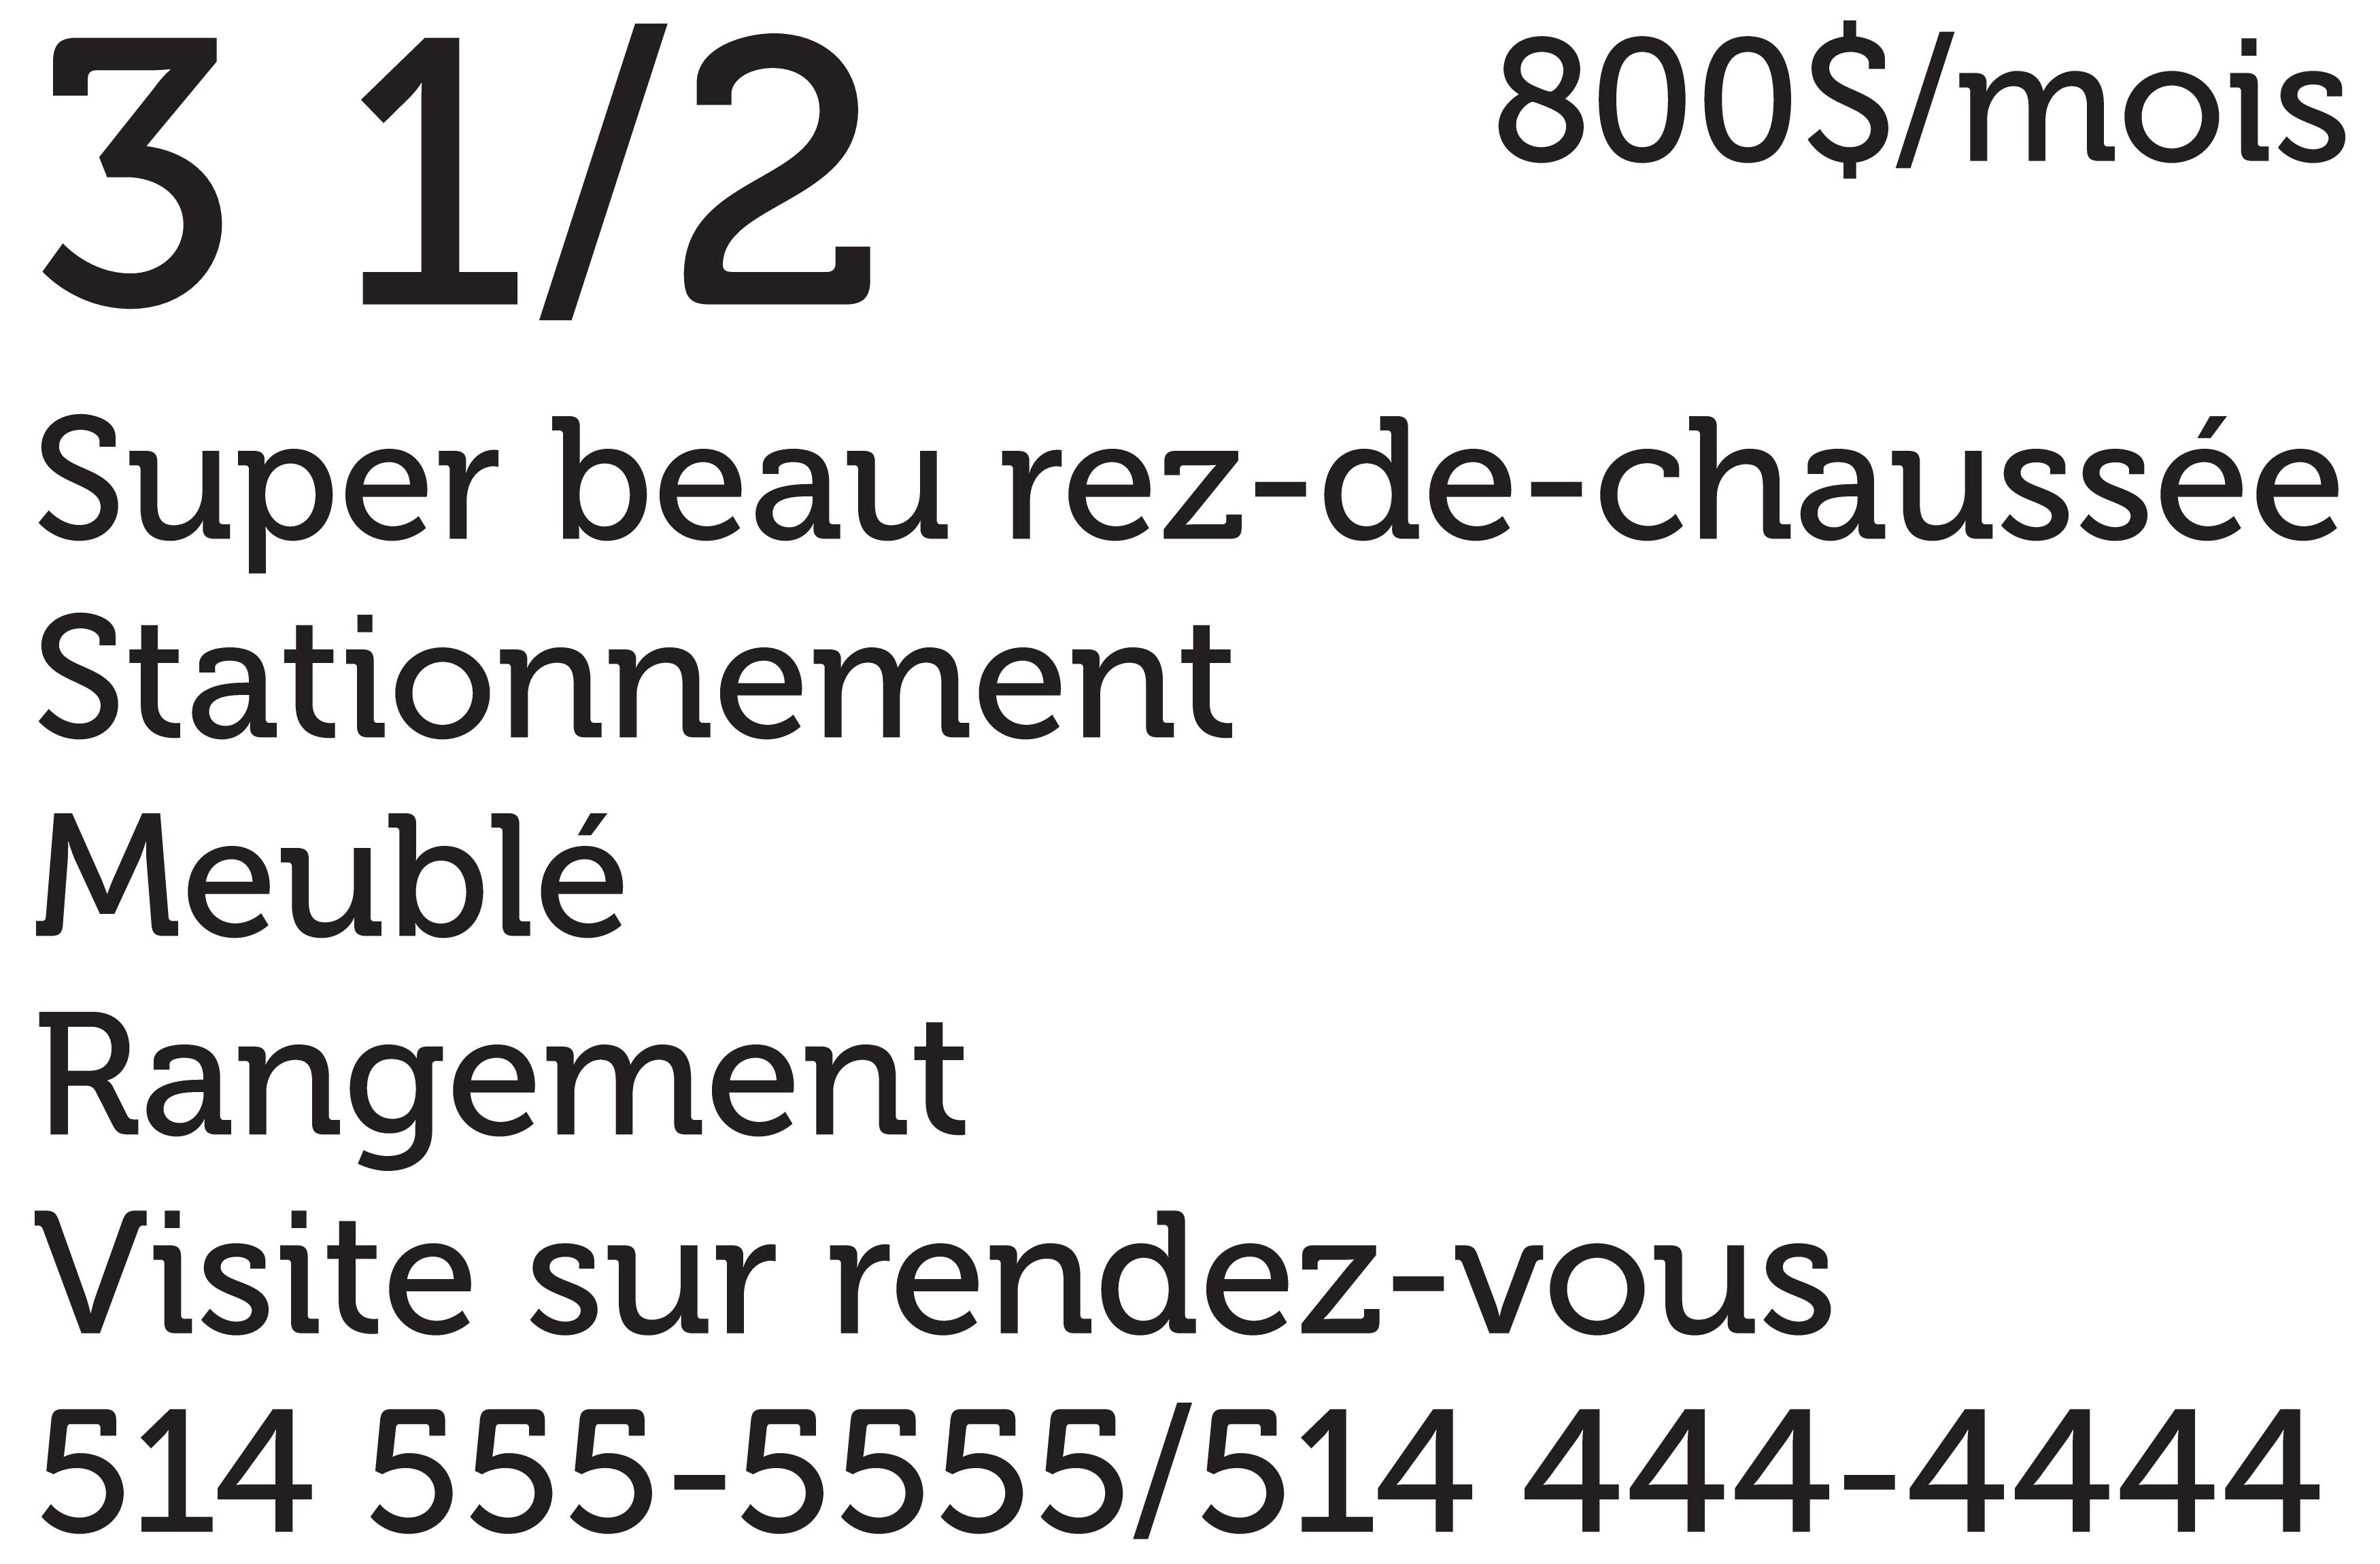 1 | Étiquette autocollante pour affiche 24 x 18